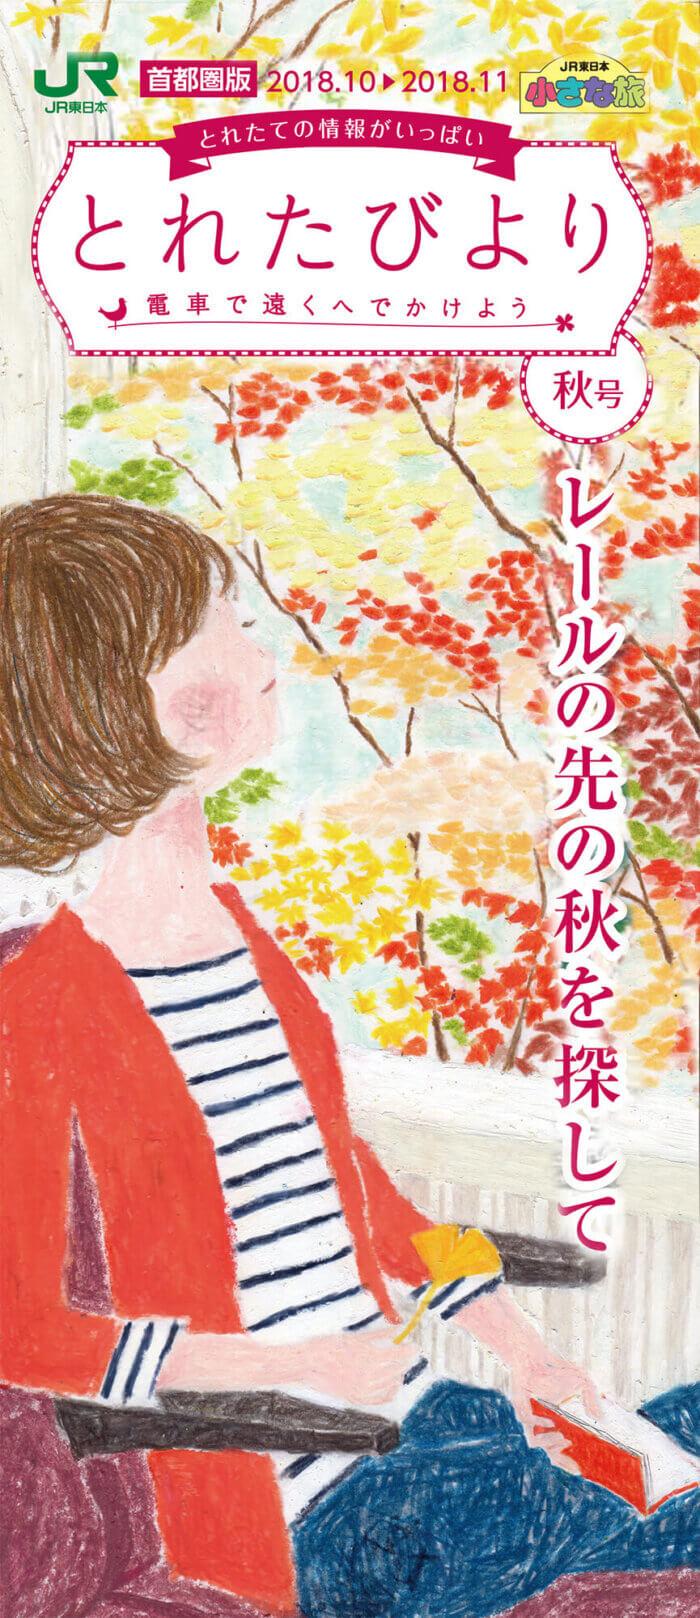 とれたびより秋号イラスト JR東日本 2018年「秋の旅行」